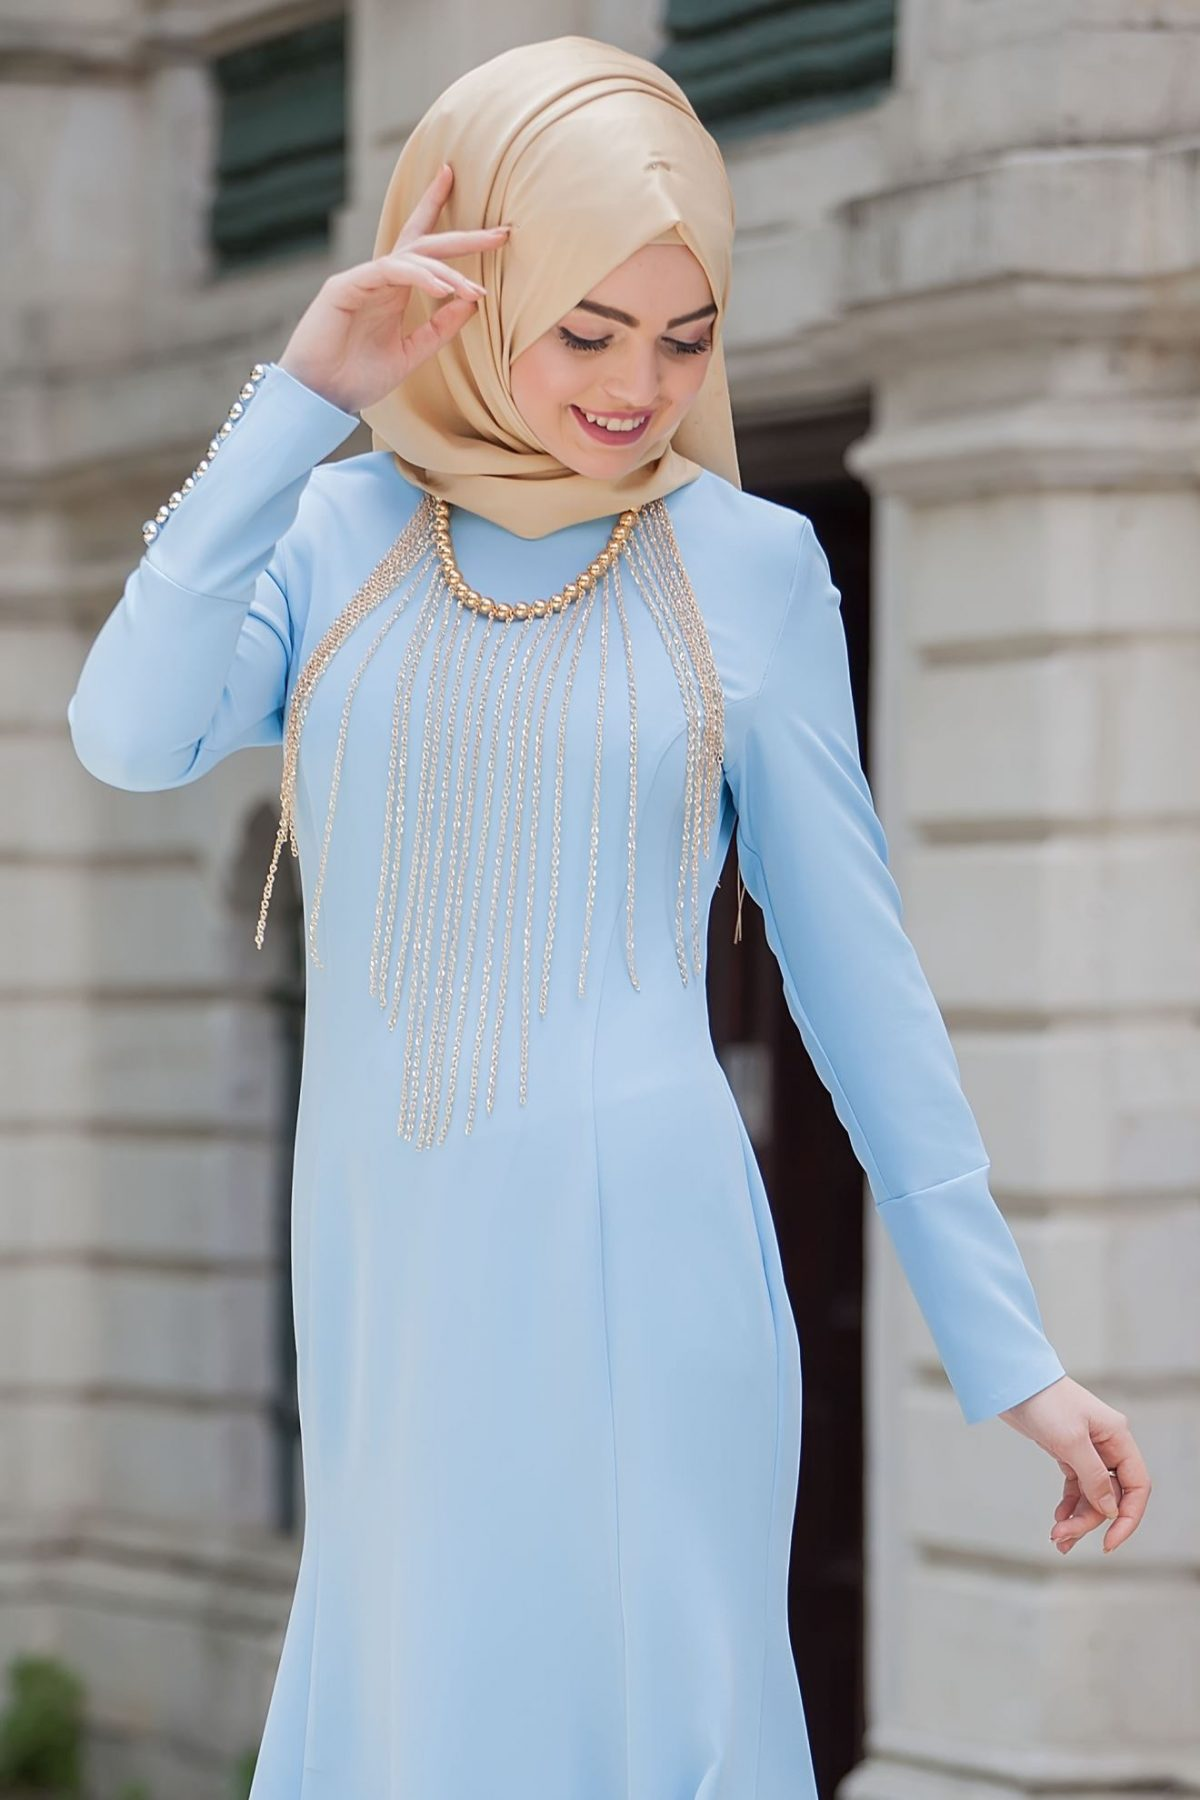 Bayanların Yeni Giyim Modası Tesettür